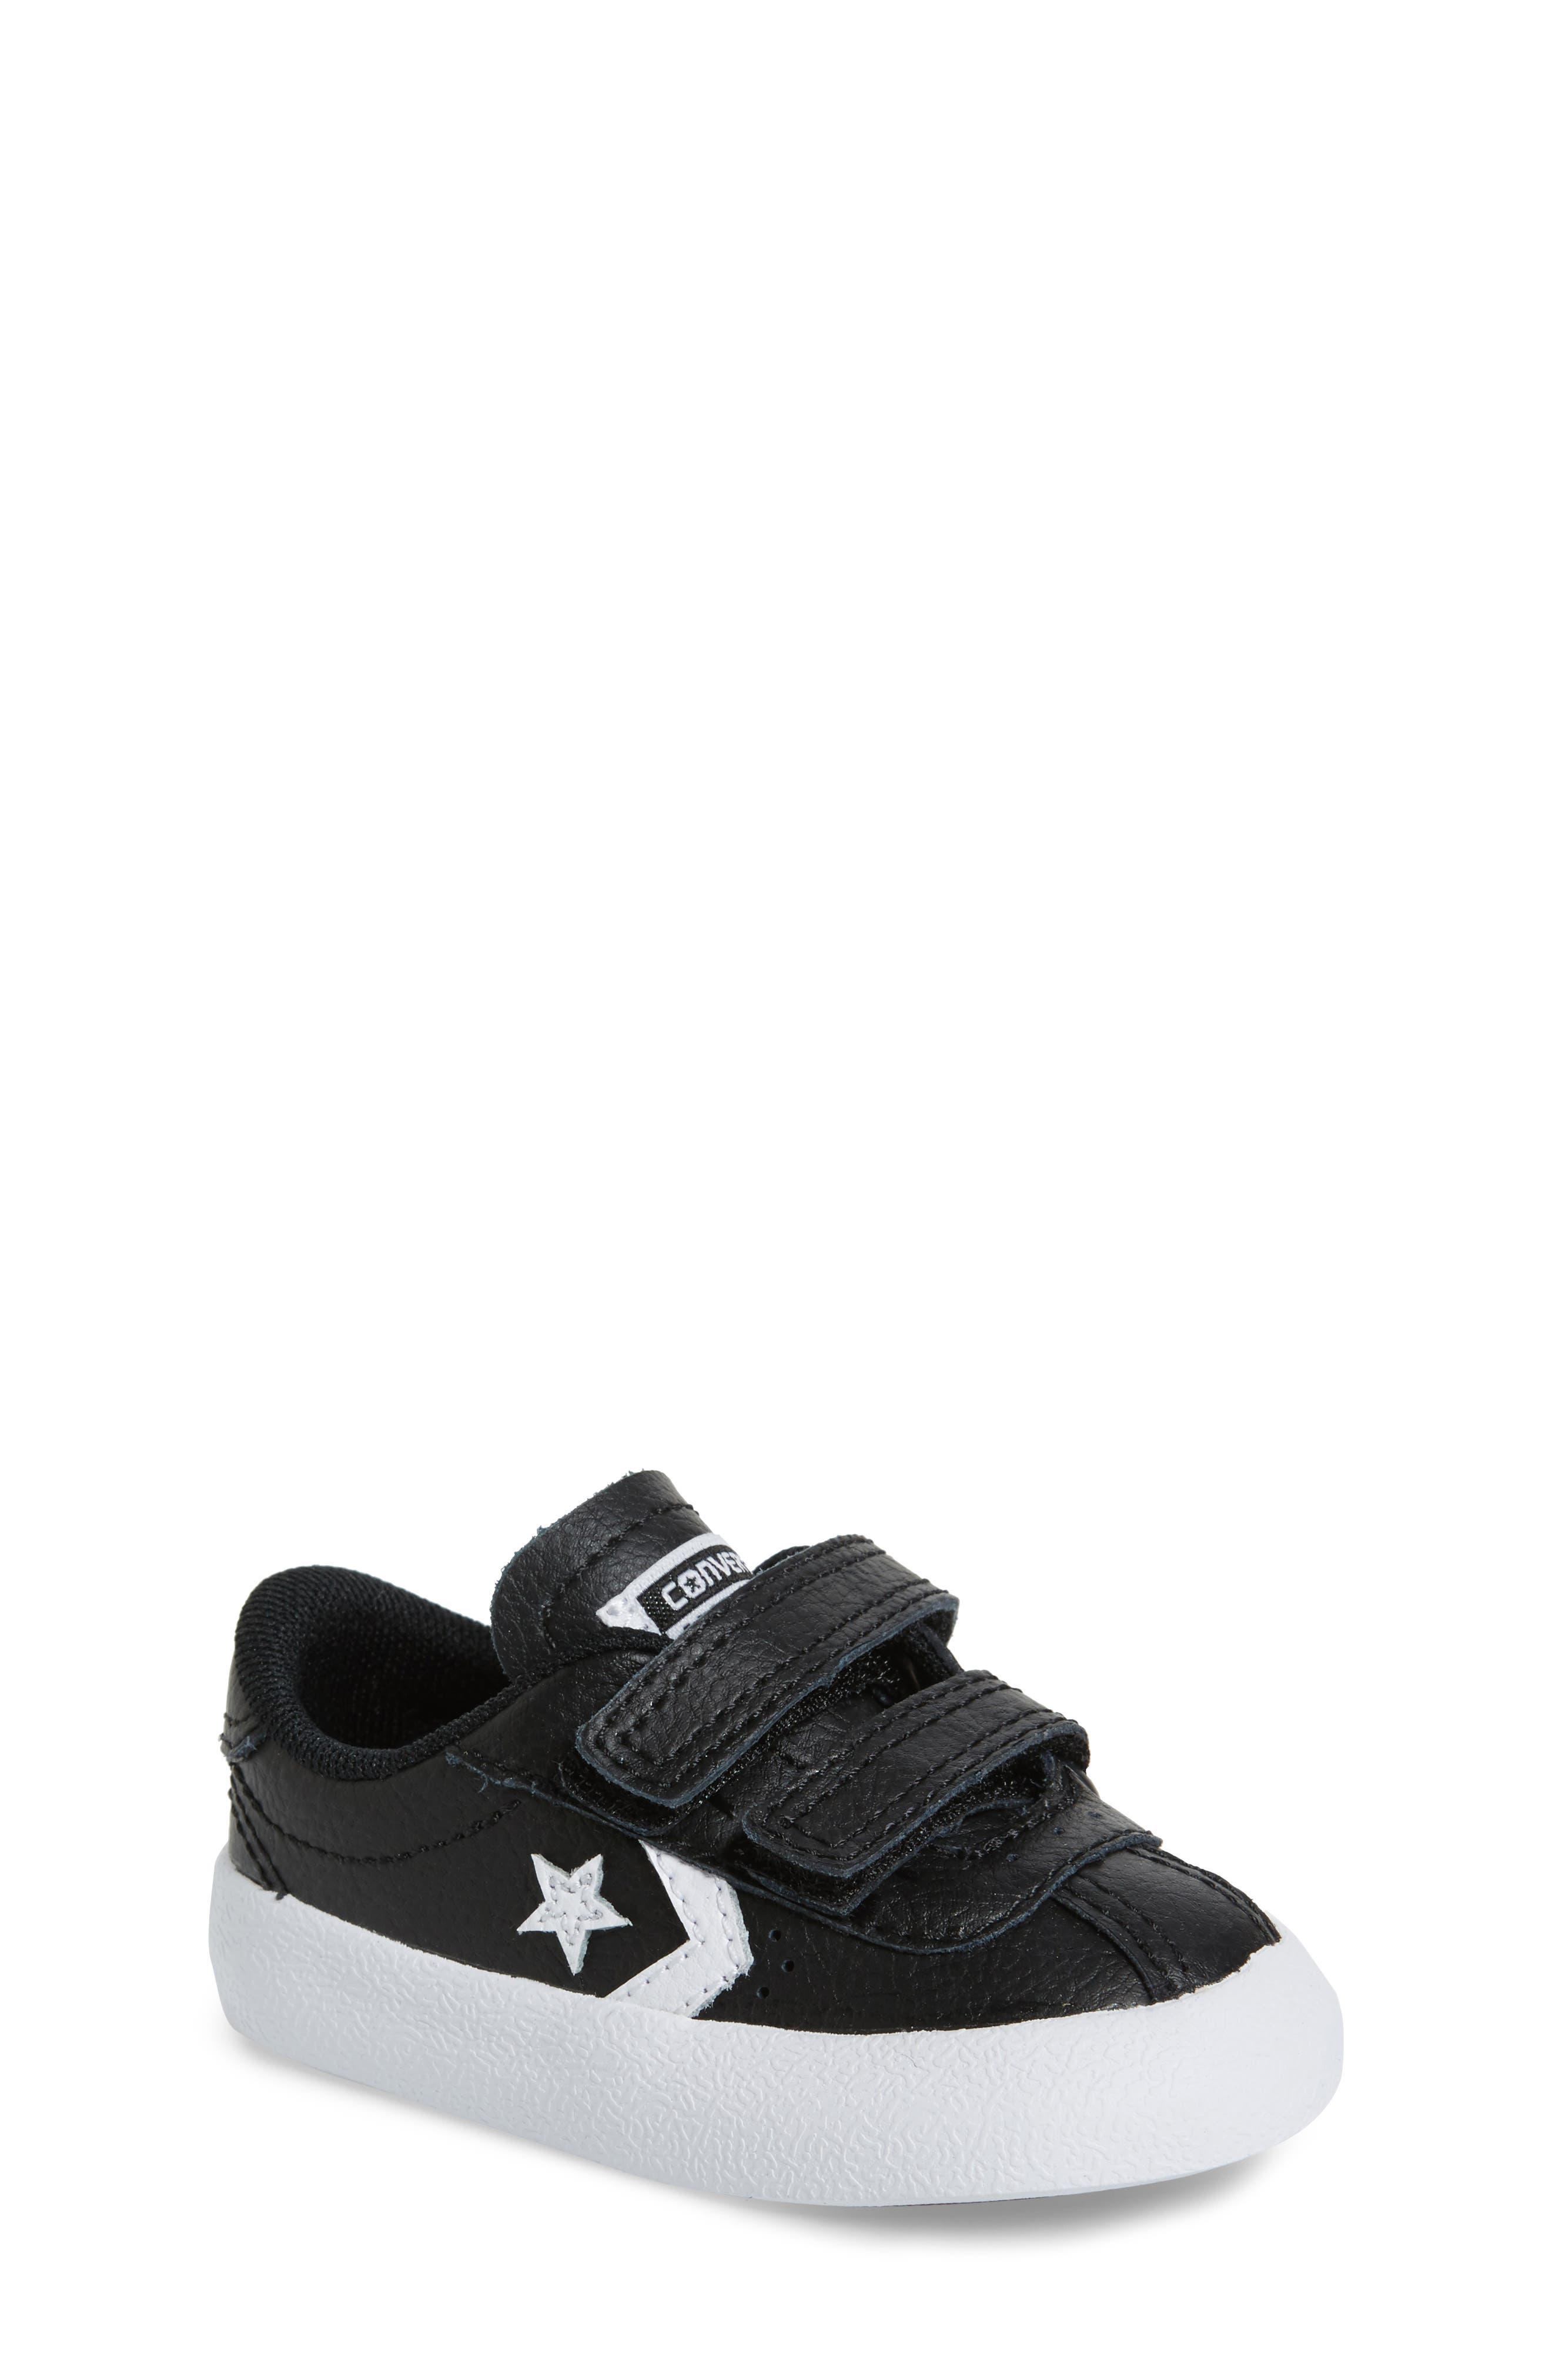 Converse Breakpoint Pro Sneaker (Baby, Walker & Toddler)